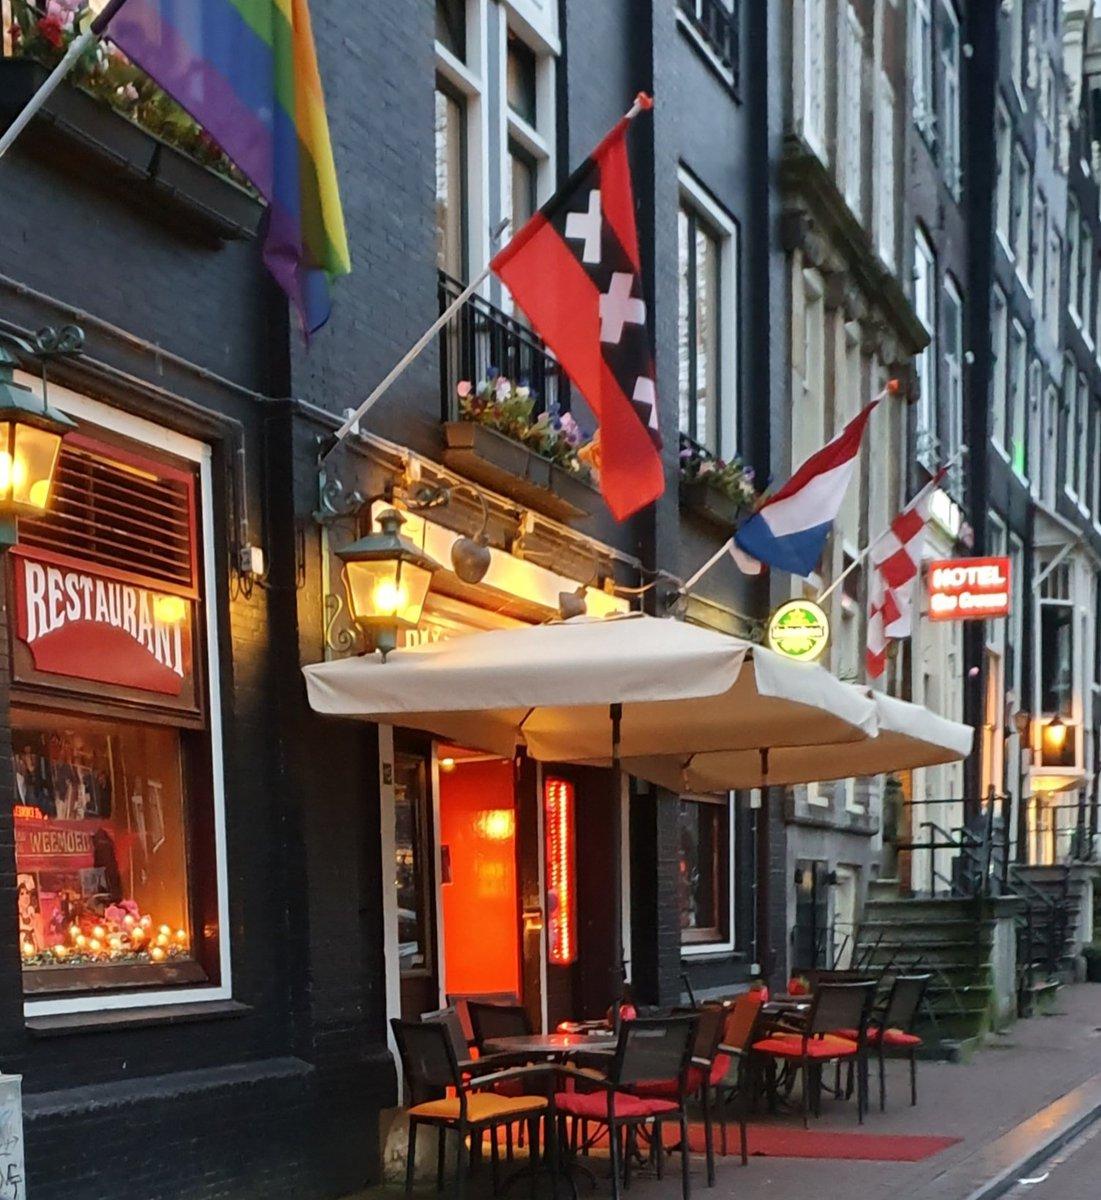 """Heerlijk optreden gehad bij het """"Paleis van de Weemoed"""" in Amsterdam. #ButlerJames #DronkenOber en #LeipeLeo"""